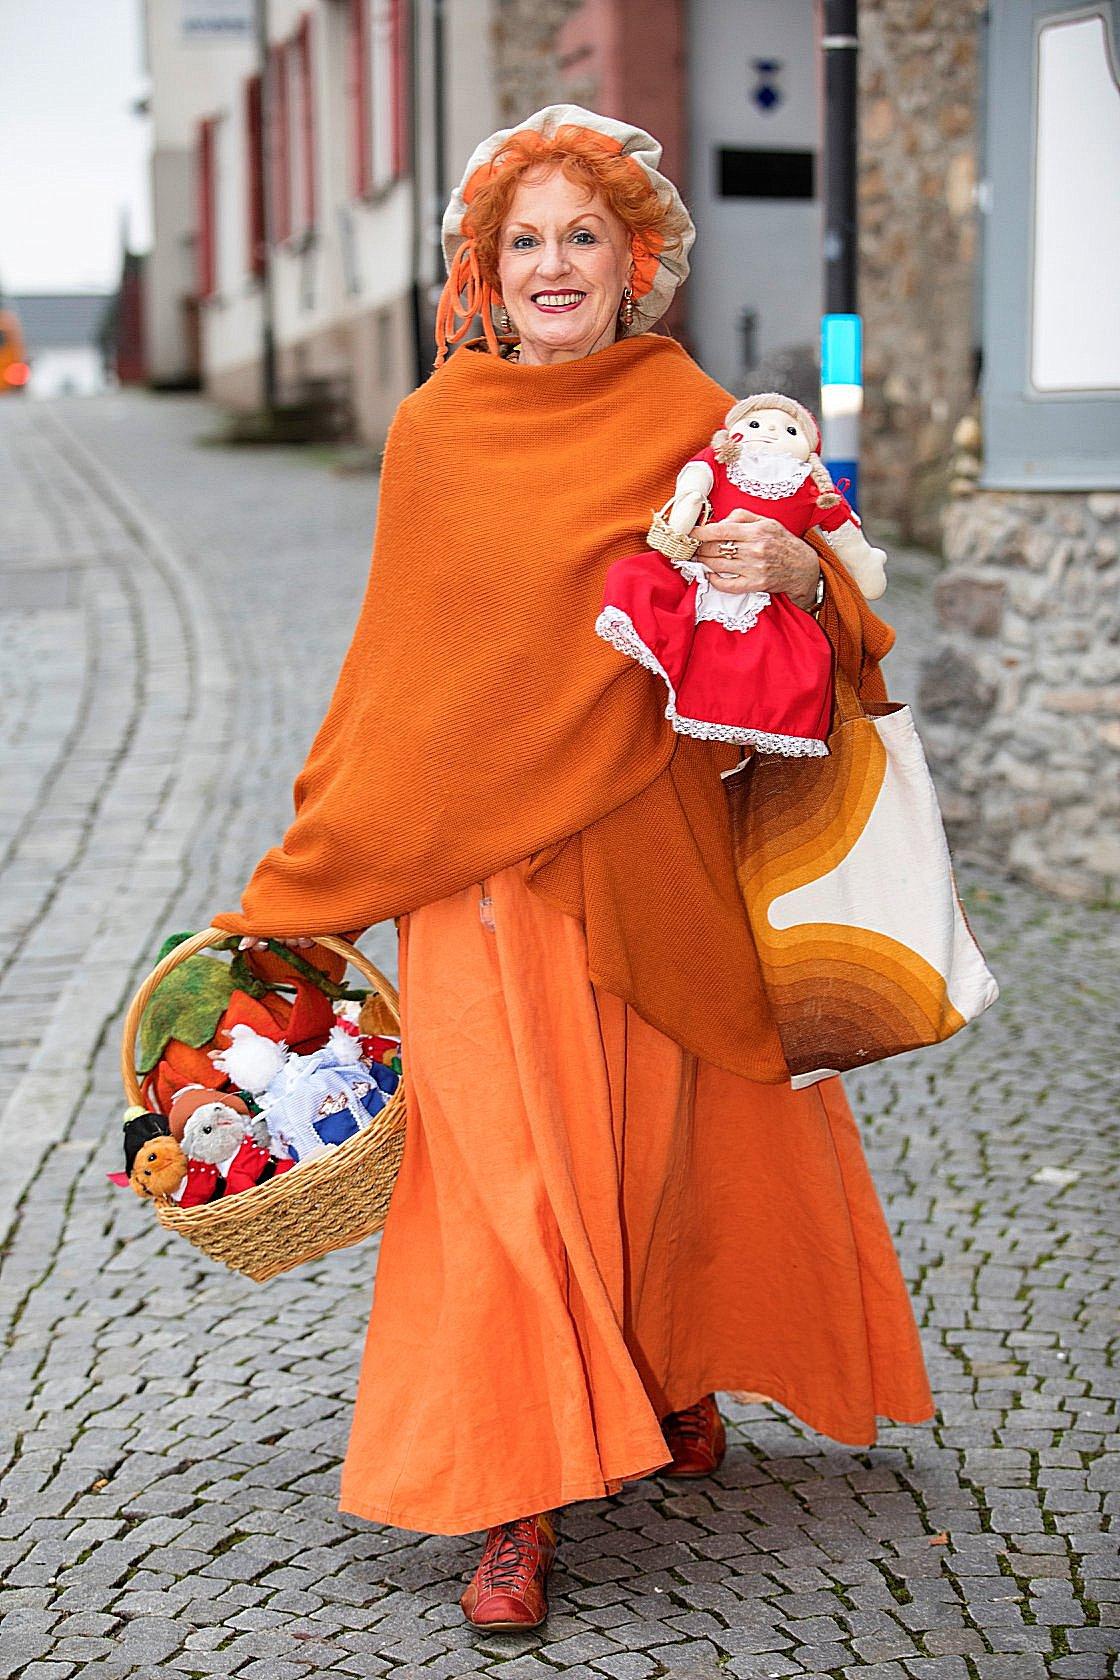 Die Märchenerzählerin auf dem Weg zu einem Adventscafé. Immer die Märchenpuppen als Begleiter dabei.